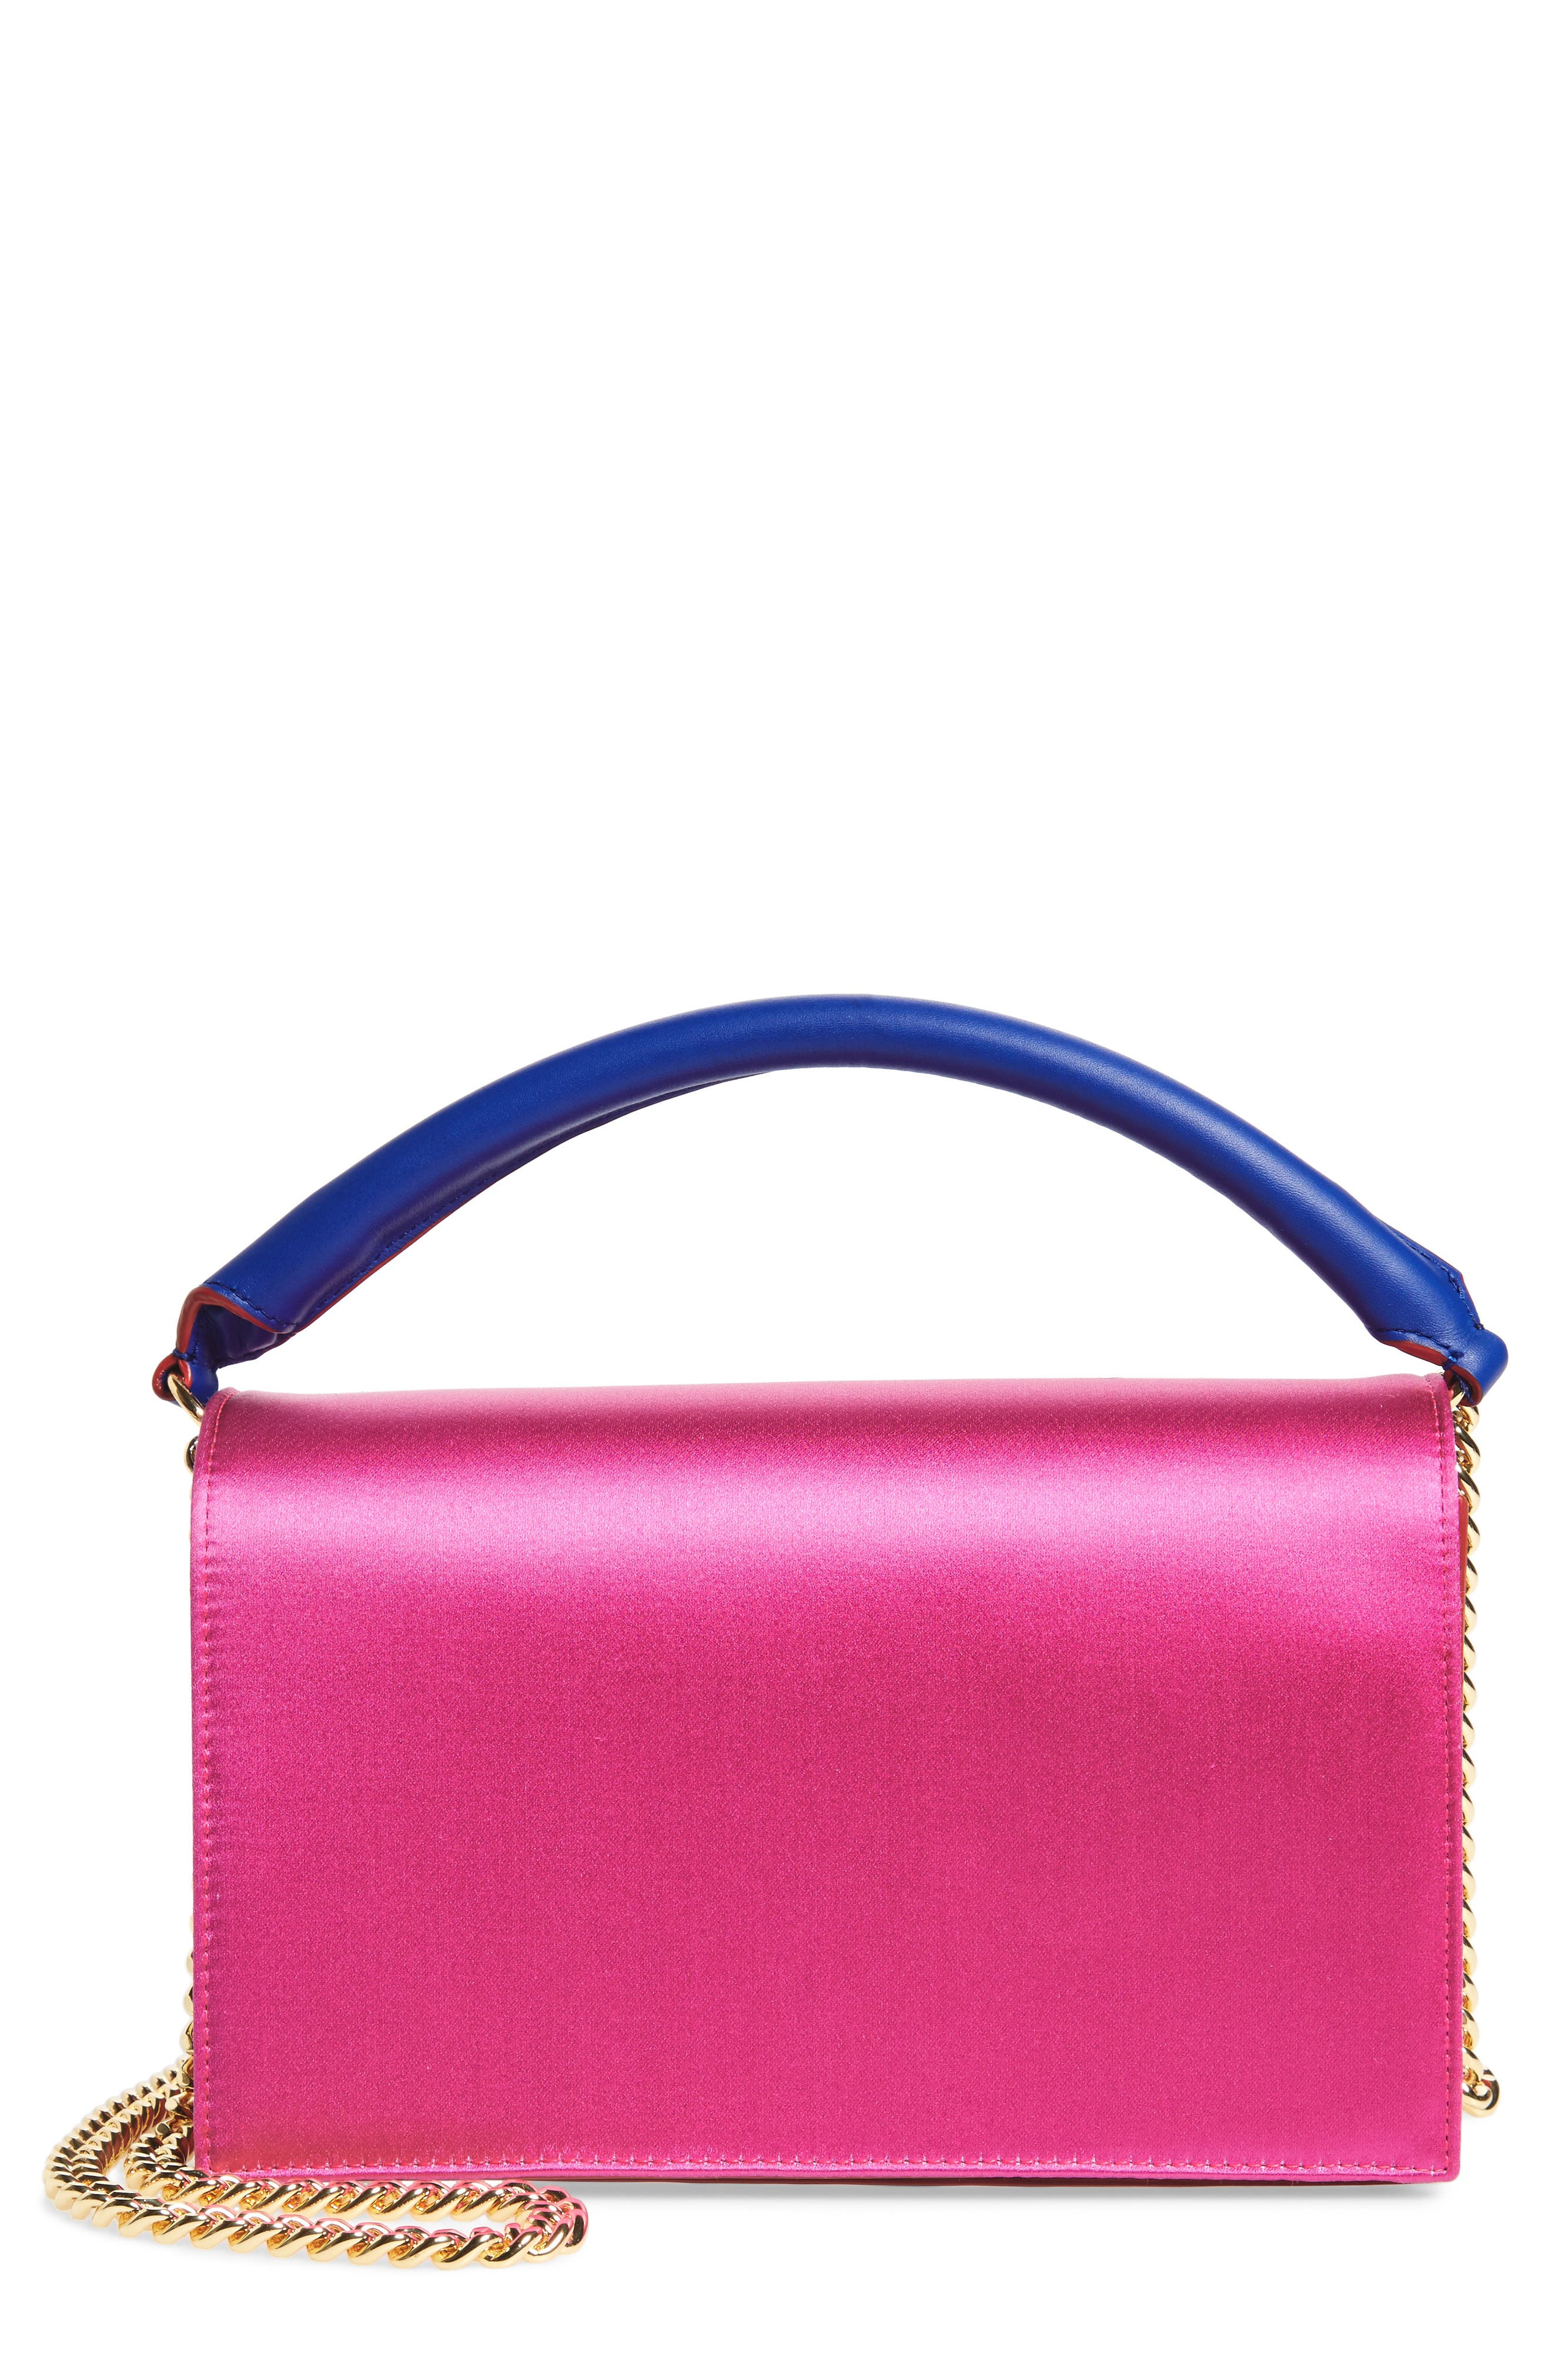 Soirée Satin & Leather Top Handle Bag,                         Main,                         color,